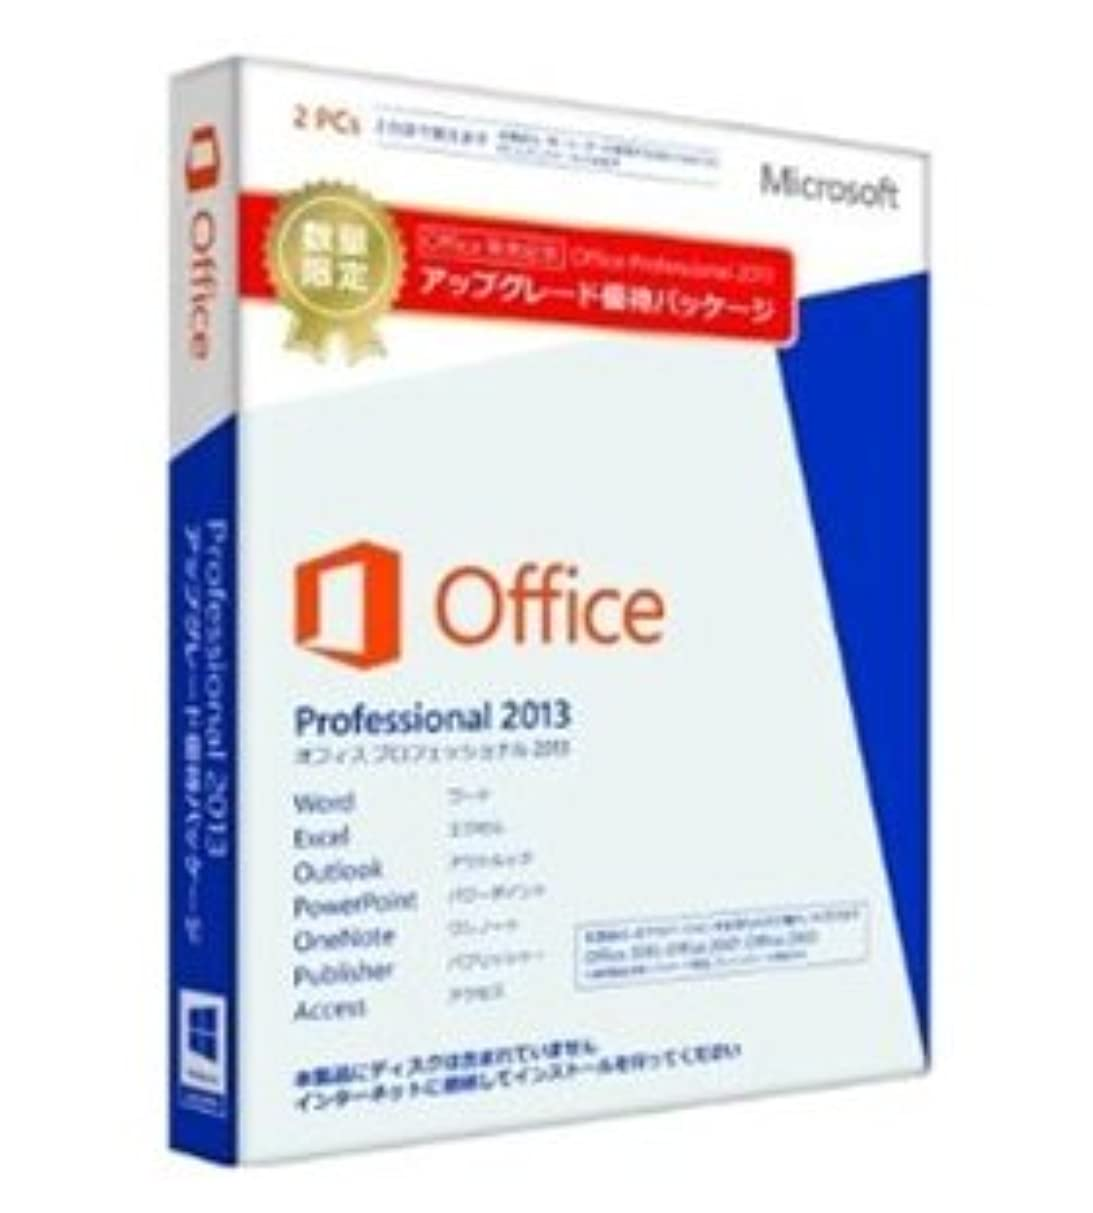 宇宙船成功したほかに【新規導入版】1PC用★Microsoft Office 2013 Professional DSP 日本語版+ 【中古メモリ】★【レビューを書くと無料プレゼント】